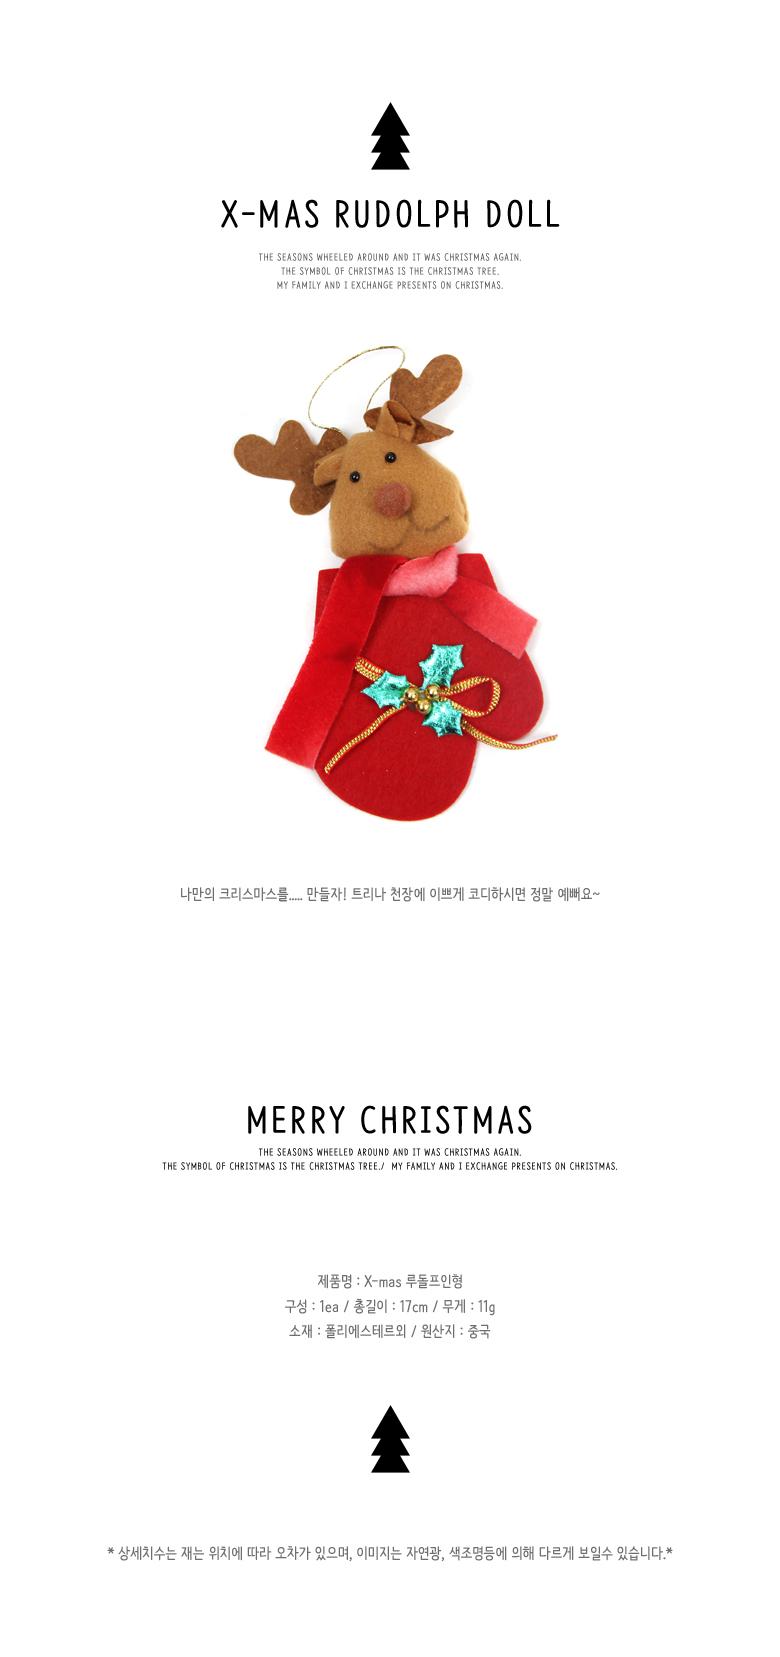 X-mas 루돌프인형 - 디자인에버, 2,000원, 장식품, 크리스마스소품